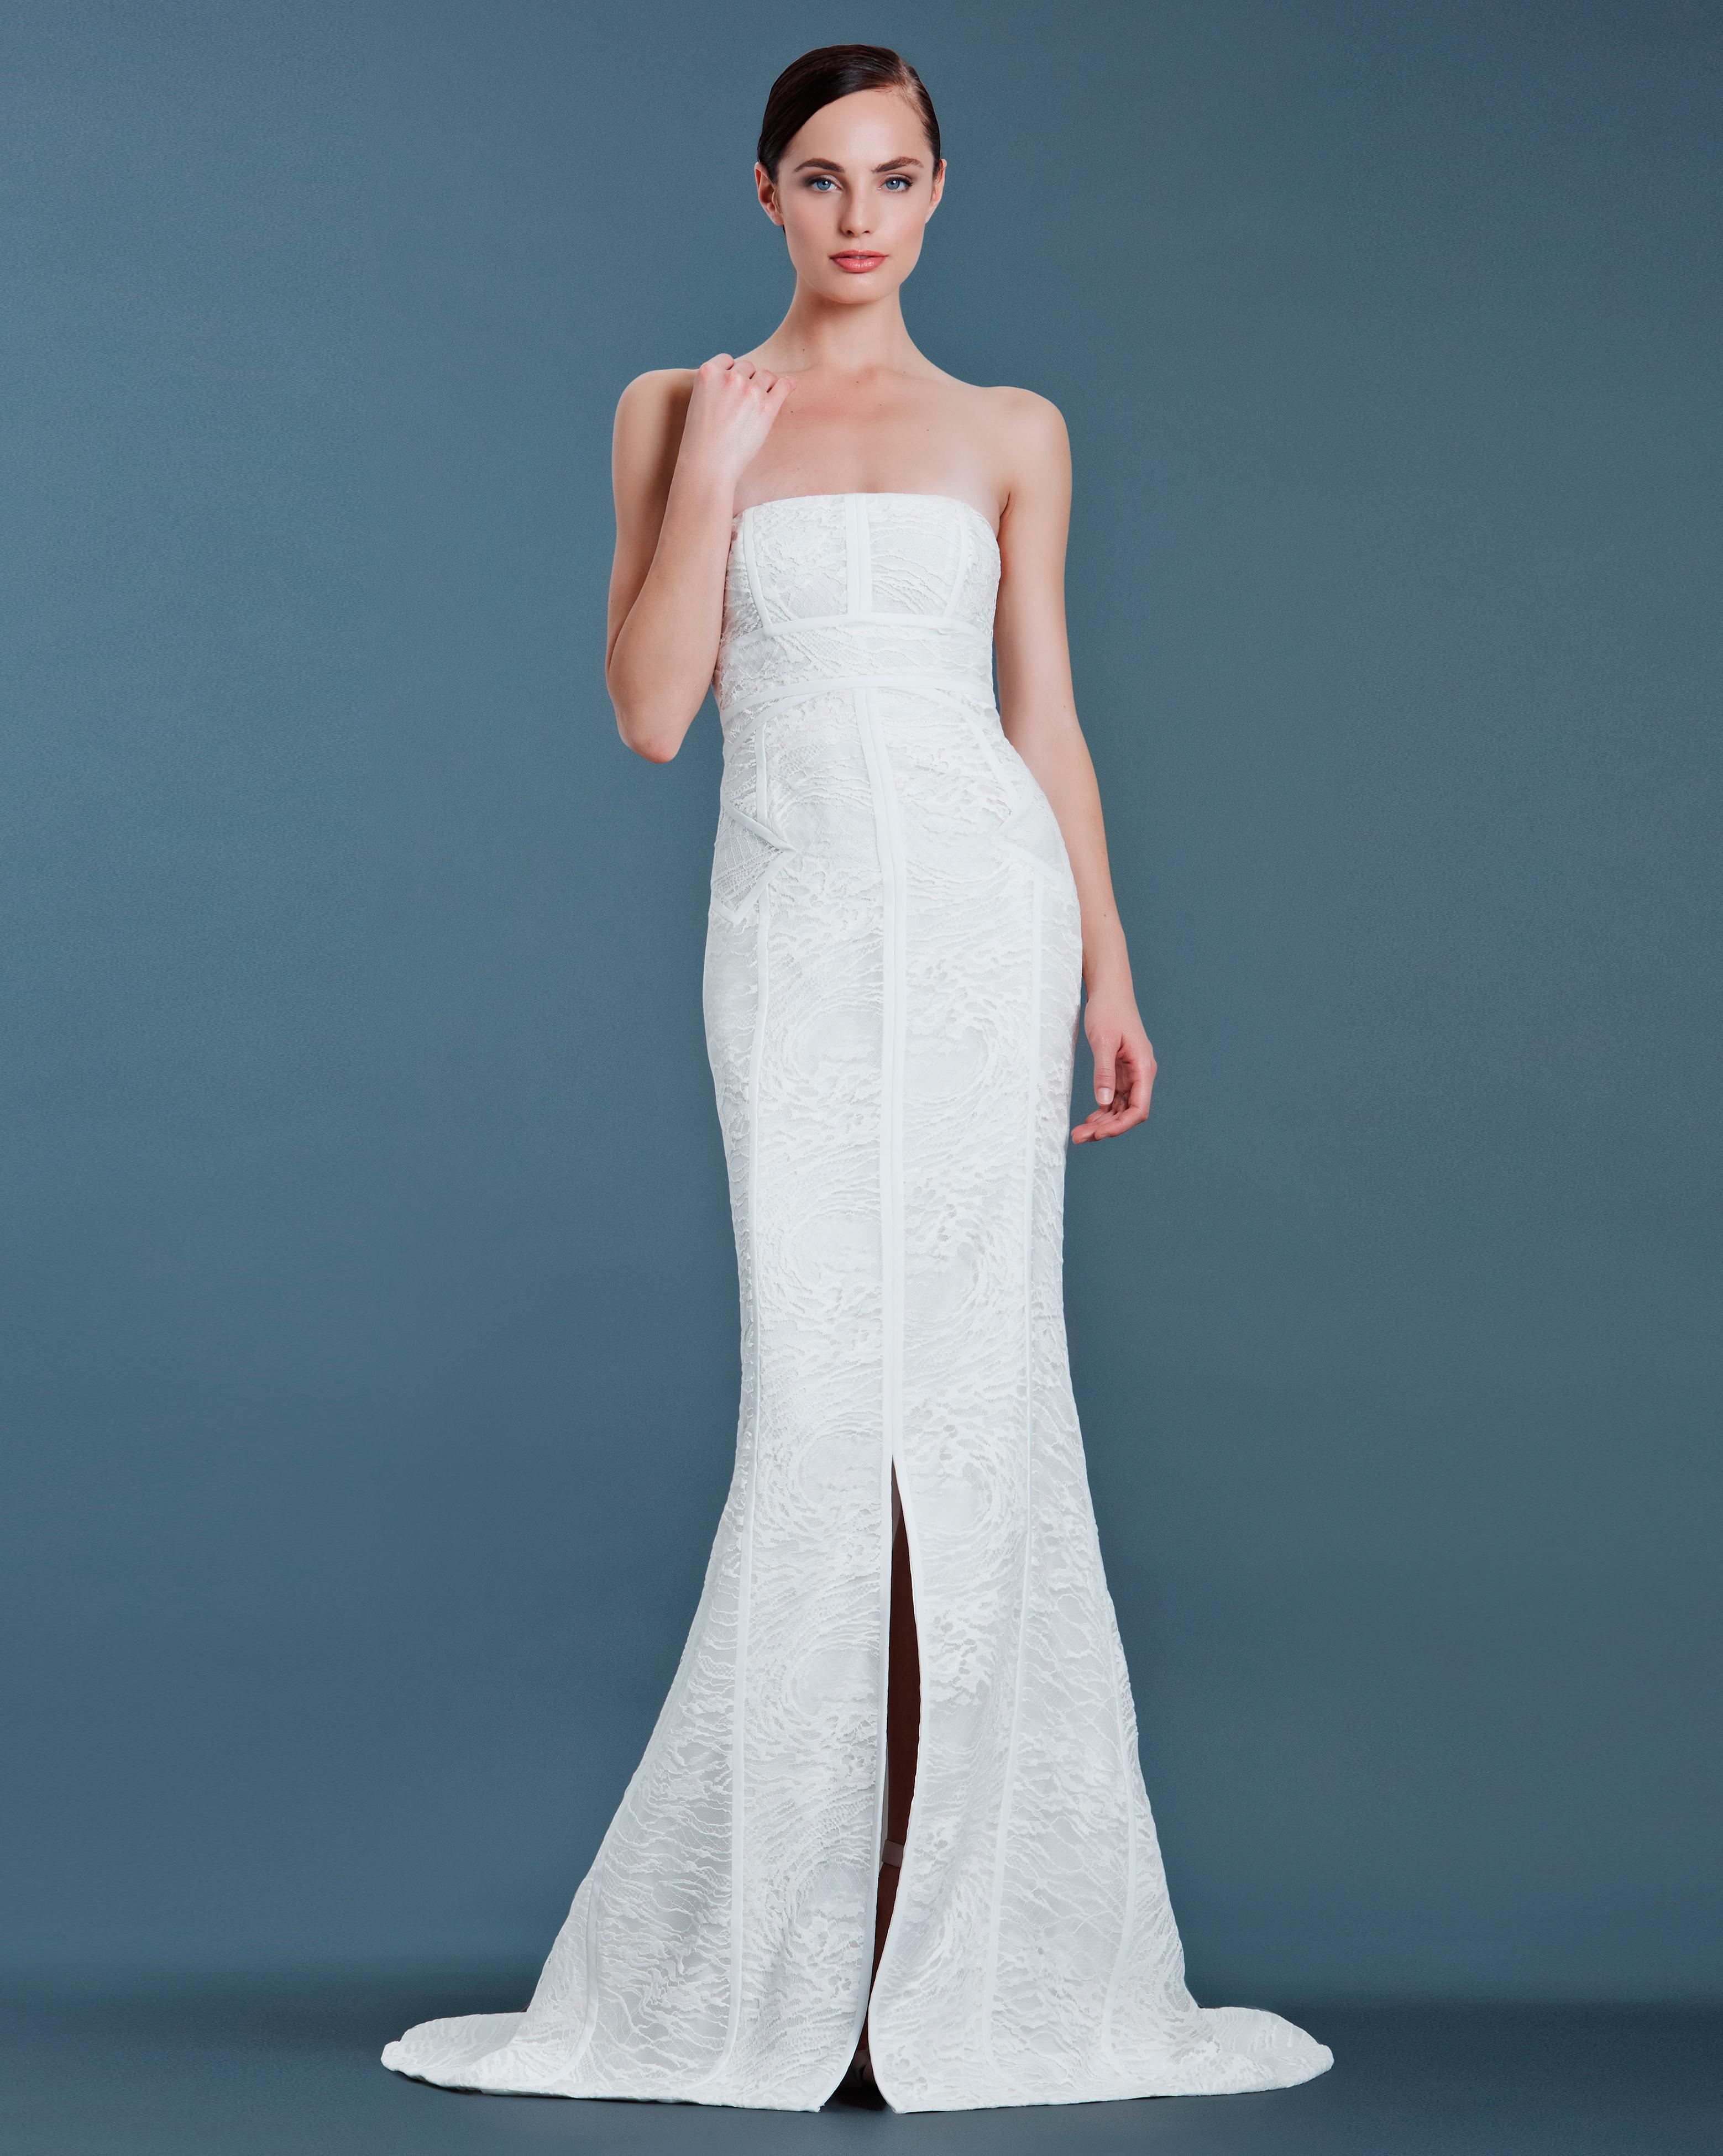 jmendel-fall2016-wedding-dress-7-nicolette.jpg